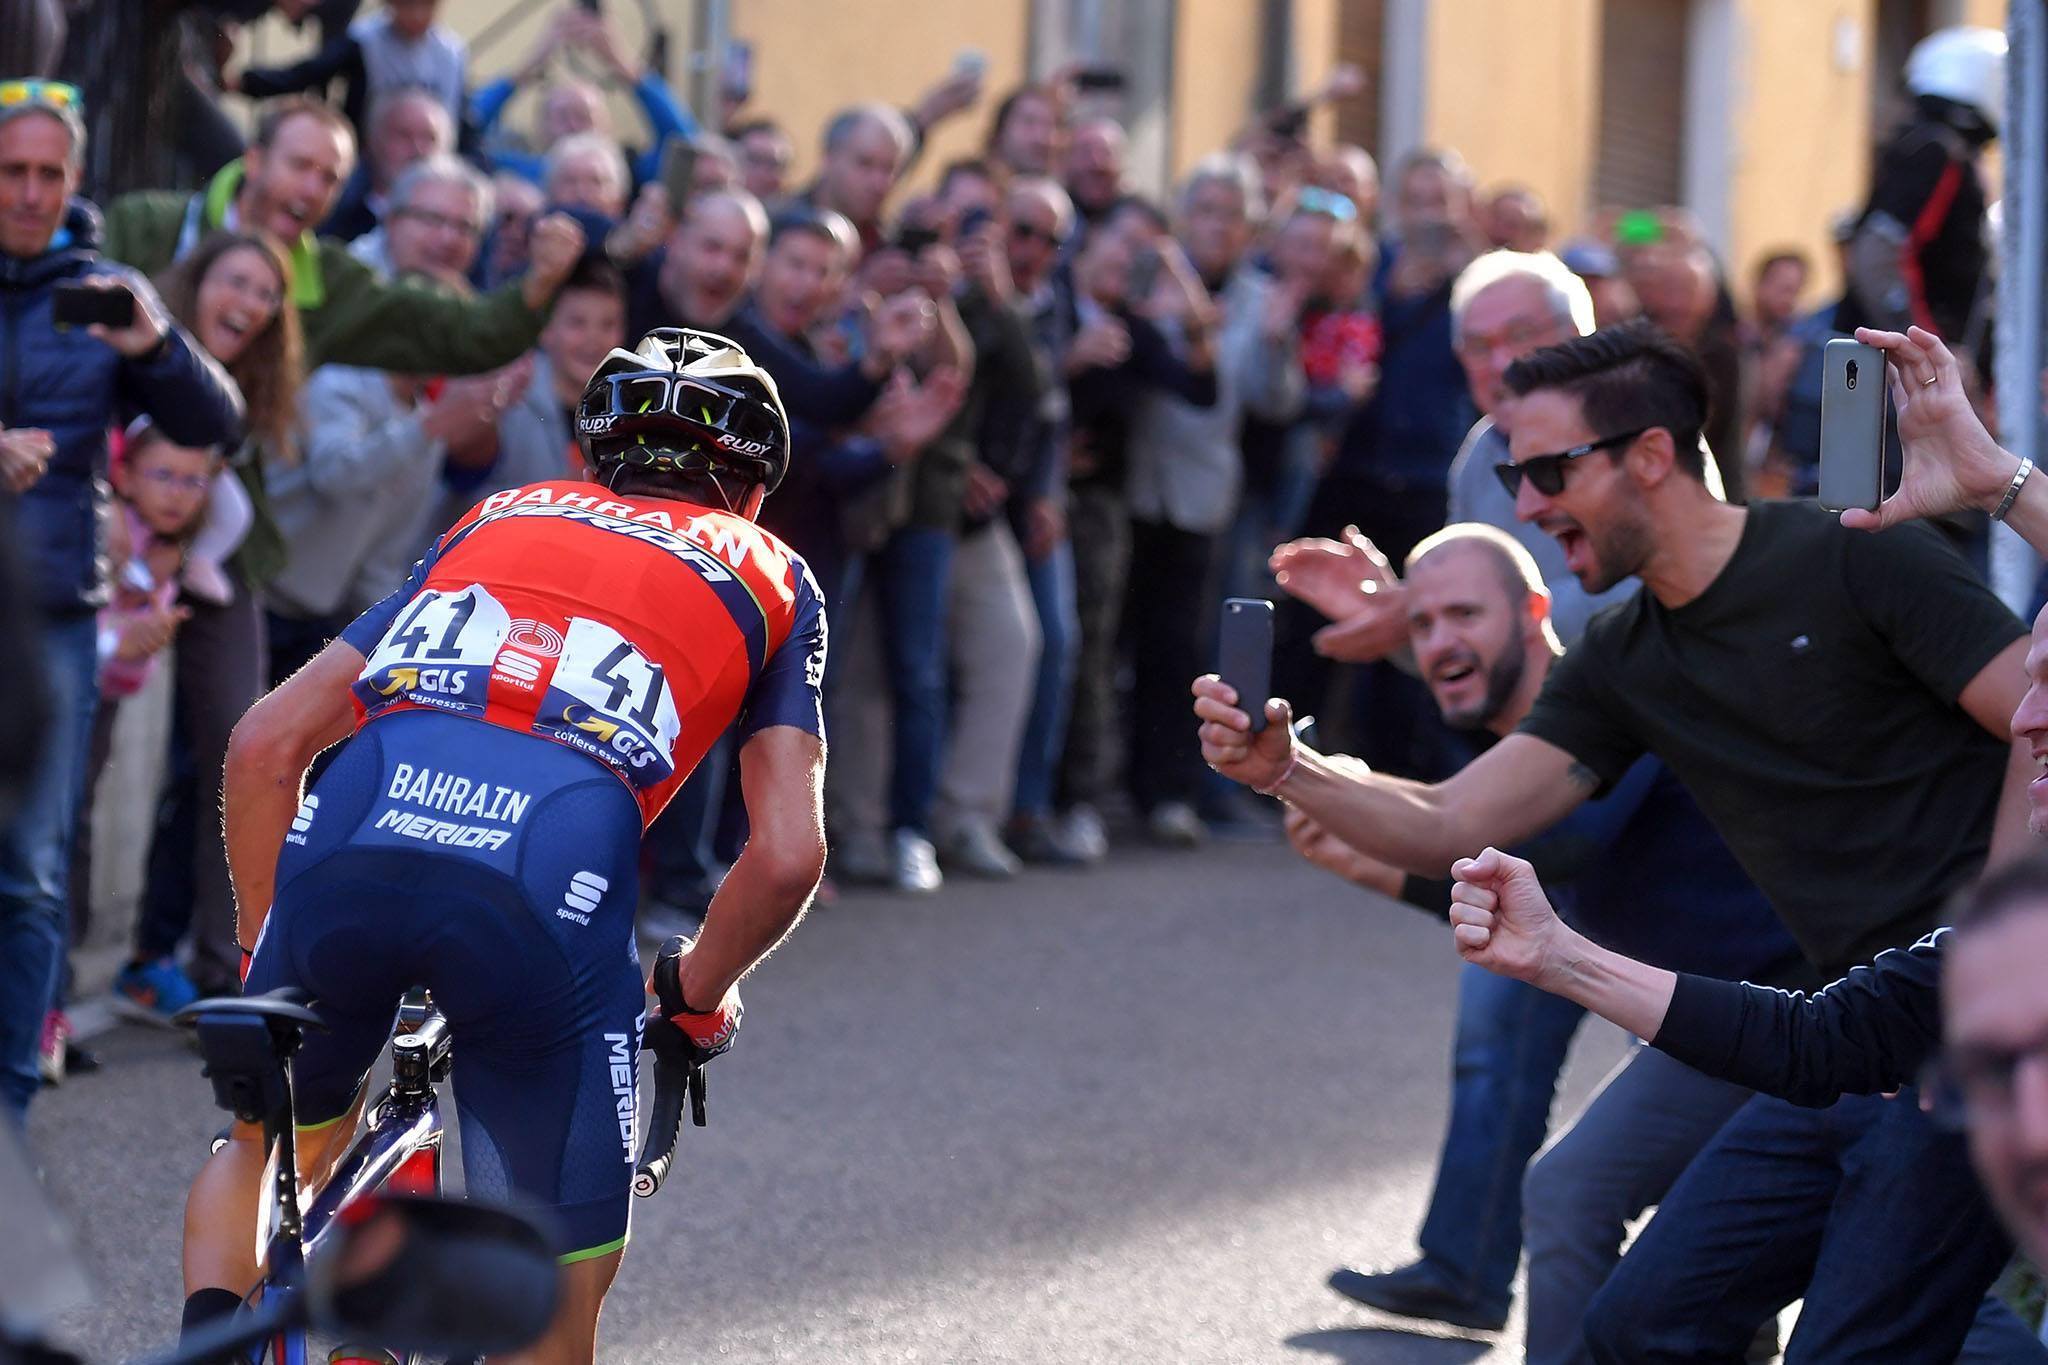 LaPresse/ Fabio Ferrari